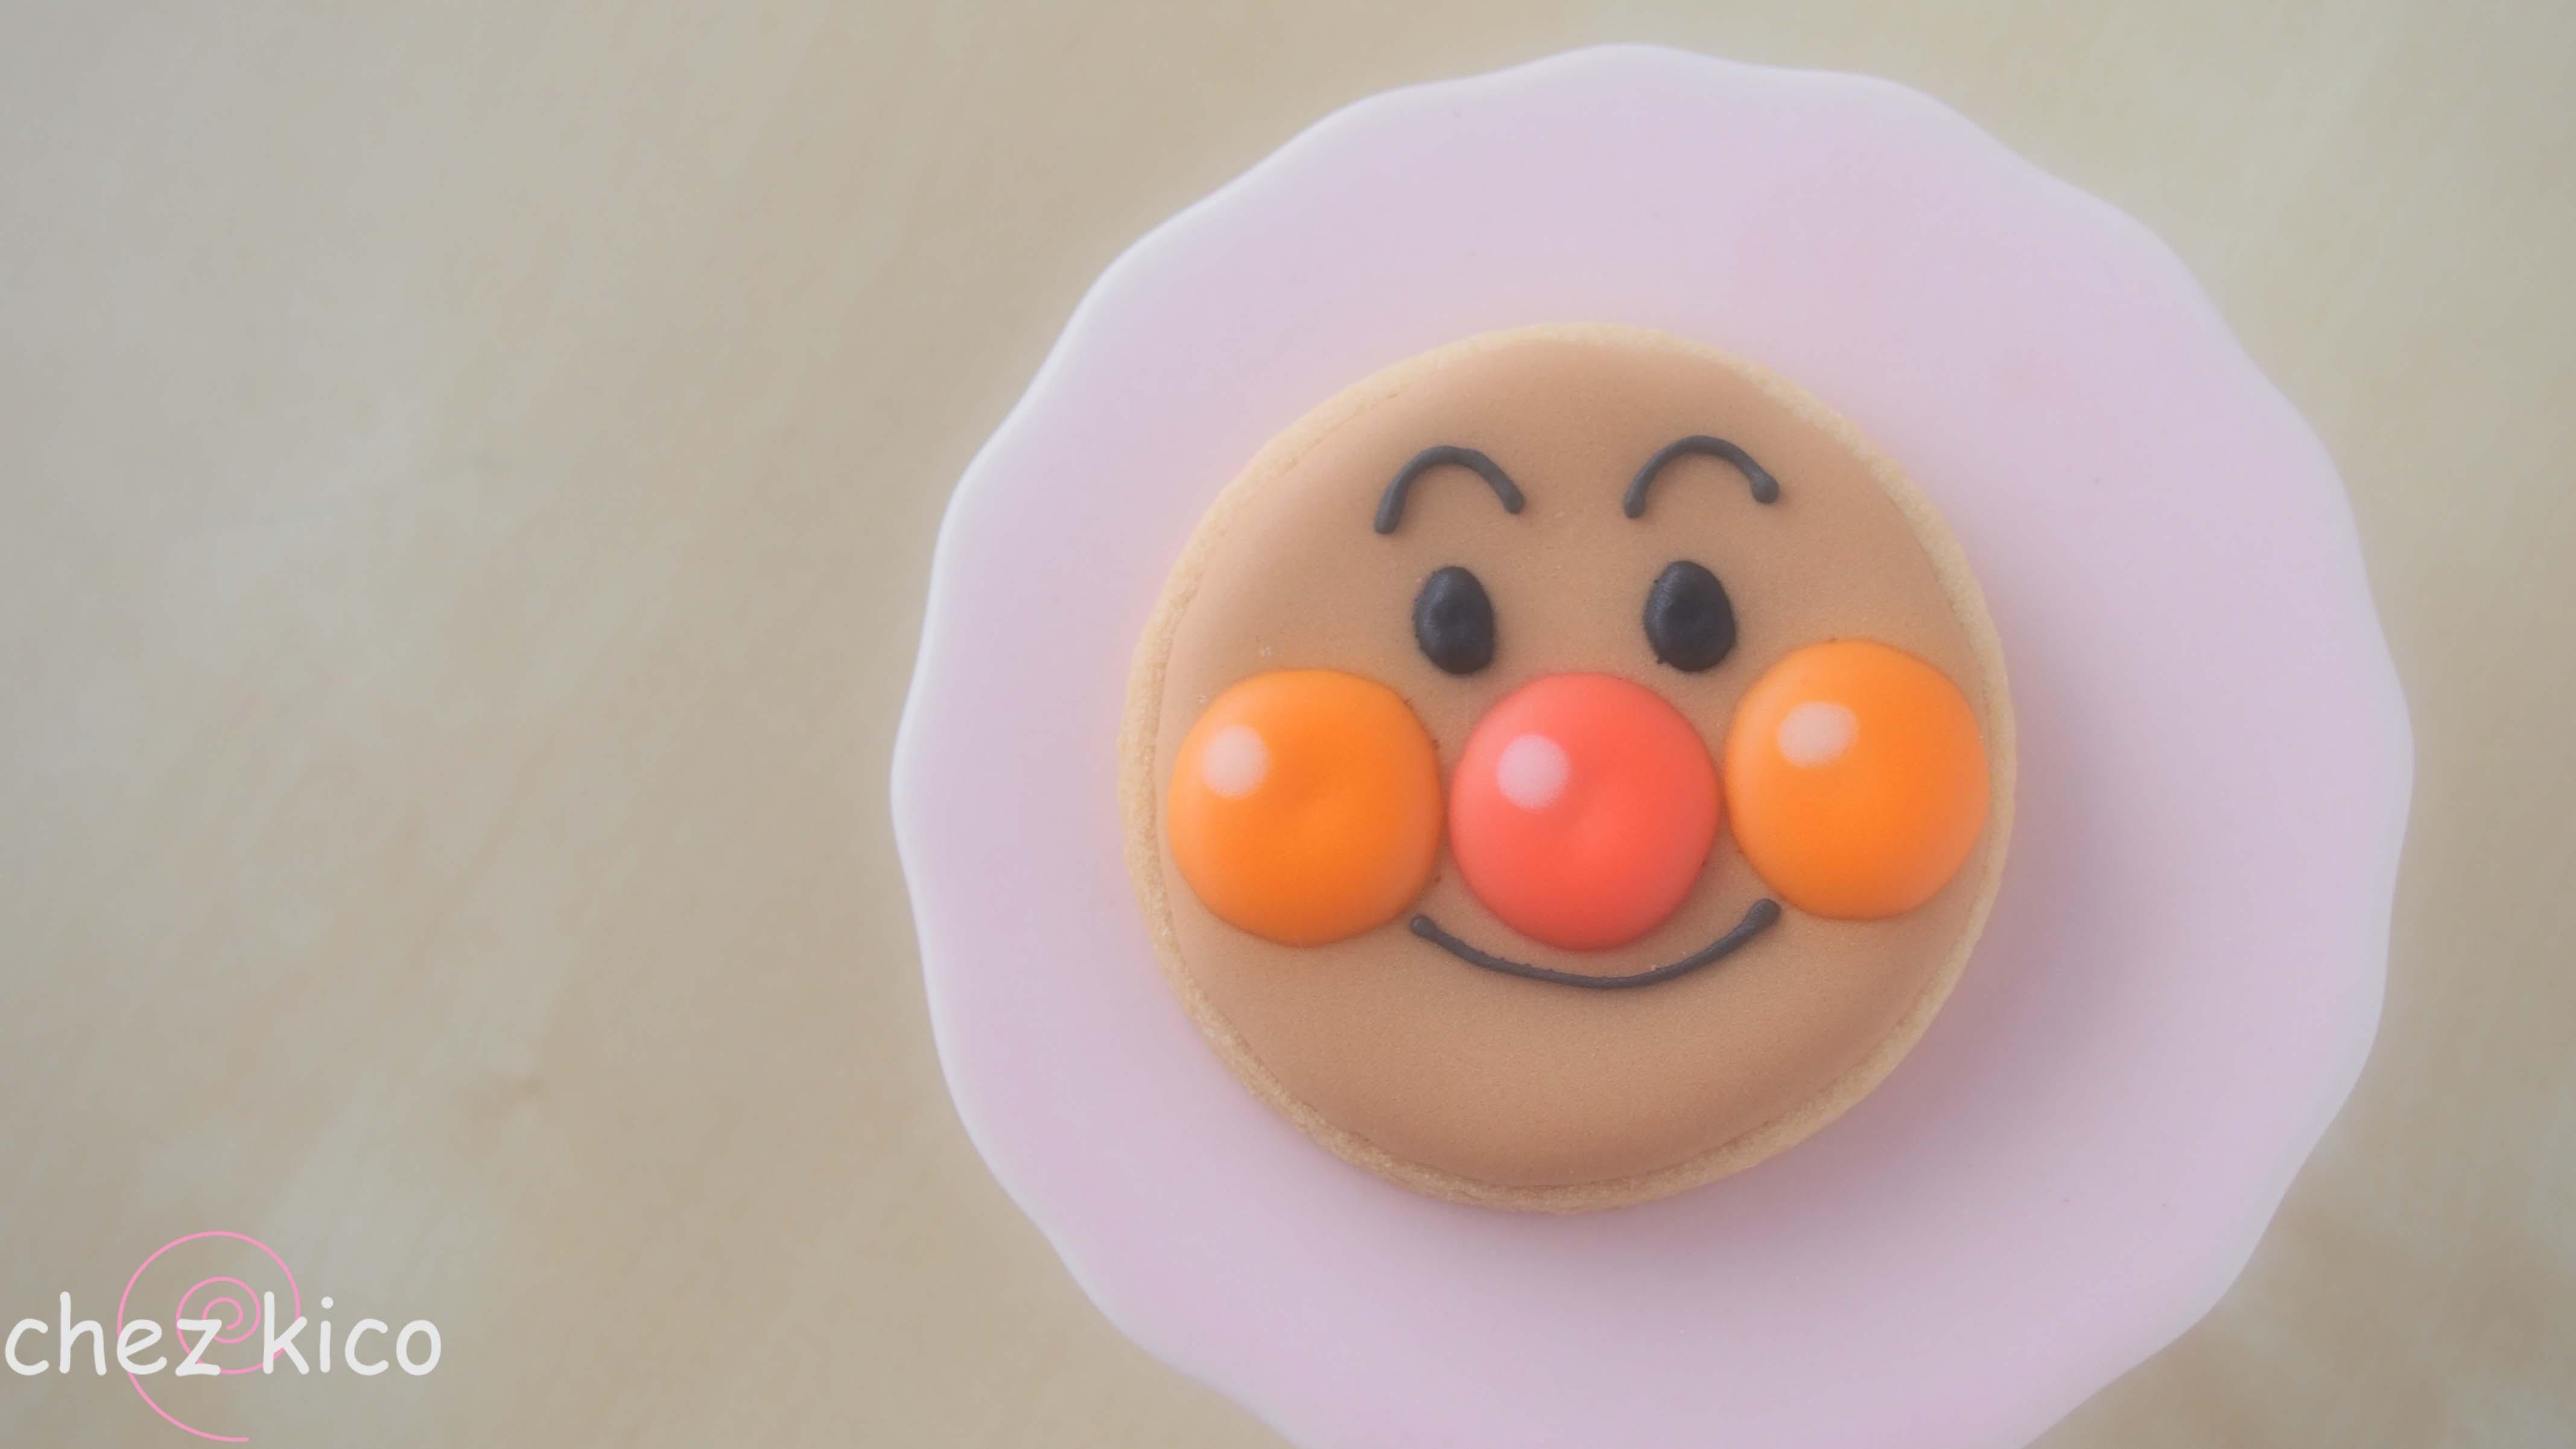 アイシングクッキー|アンパンマンの簡単で分かりやすい作りかた【完全保存版】